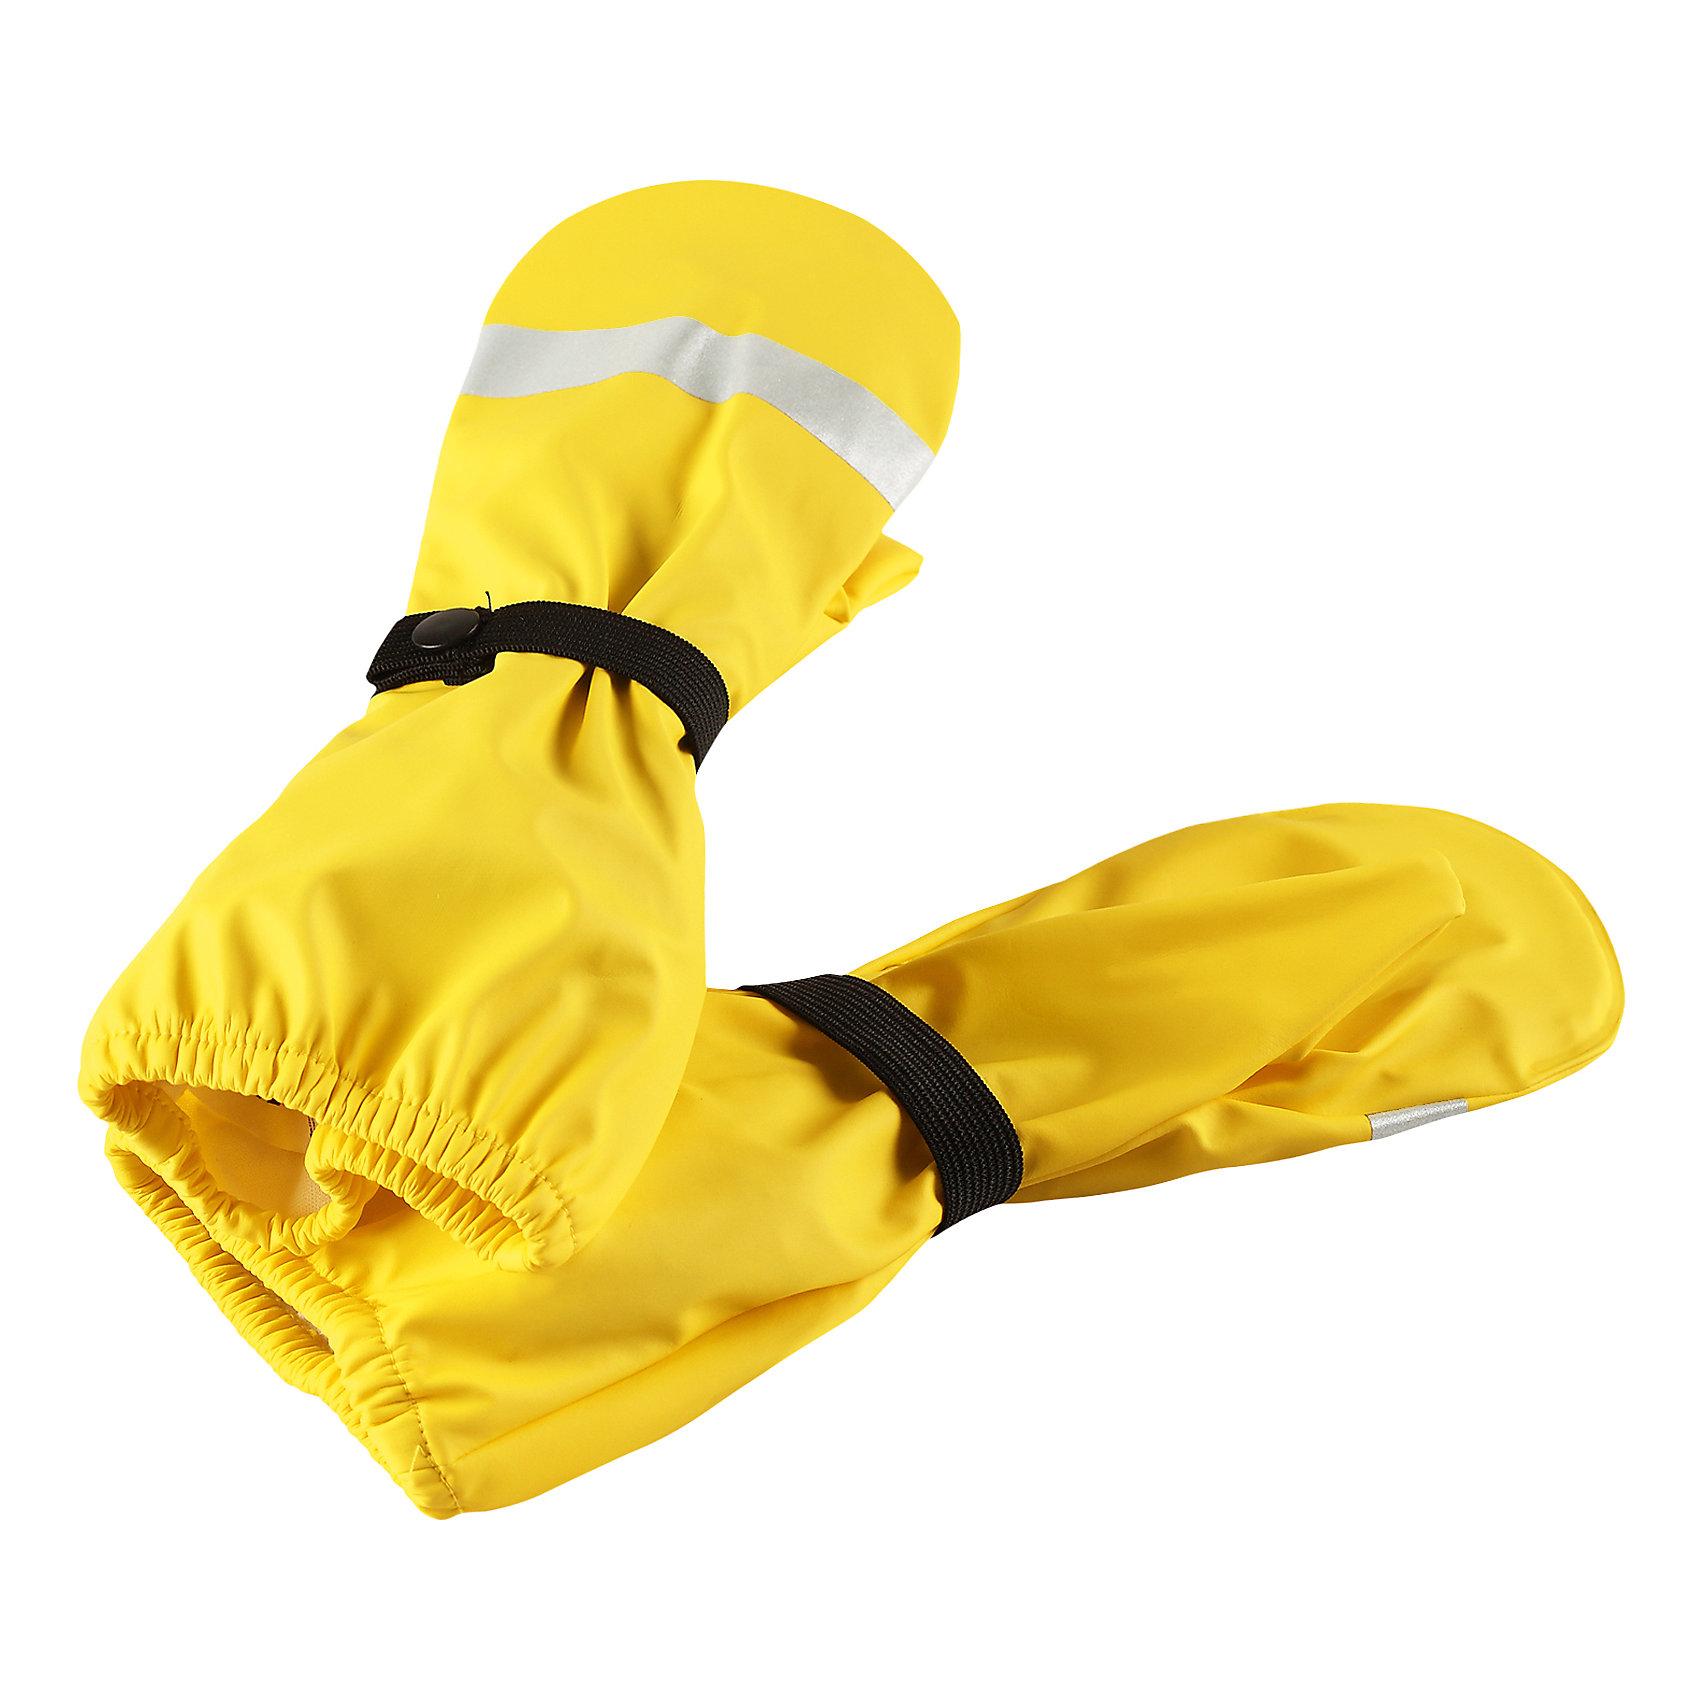 Непромокаемые варежки Kura ReimaПерчатки и варежки<br>Характеристики товара:<br><br>• цвет: желтый<br>• состав: 100% полиэстер, полиуретановое покрытие<br>• температурный режим: от +10°до +20°С<br>• водонепроницаемость: 10000 мм<br>• водонепроницаемый материал с запаянными швами<br>• светоотражающие детали<br>• эластичный материал<br>• без подкладки<br>• страна производства: Китай<br>• страна бренда: Финляндия<br>• коллекция: весна-лето 2017<br><br>Reima представляет новые варежки для детей. Они помогут обеспечить ребенку комфорт и дополнить наряд. Варежки отлично смотрятся с различной одеждой. Изделия удобно сидят и модно выглядят, в их основе - водонепроницаемый материал. Просты в уходе, долго служат. Стильный дизайн разрабатывался специально для детей.<br><br>Одежда и обувь от финского бренда Reima пользуется популярностью во многих странах. Эти изделия стильные, качественные и удобные. Для производства продукции используются только безопасные, проверенные материалы и фурнитура. Порадуйте ребенка модными и красивыми вещами от Reima! <br><br>Варежки от финского бренда Reima (Рейма) можно купить в нашем интернет-магазине.<br><br>Ширина мм: 162<br>Глубина мм: 171<br>Высота мм: 55<br>Вес г: 119<br>Цвет: желтый<br>Возраст от месяцев: 72<br>Возраст до месяцев: 96<br>Пол: Унисекс<br>Возраст: Детский<br>Размер: 5,1,2,3,4<br>SKU: 5268091